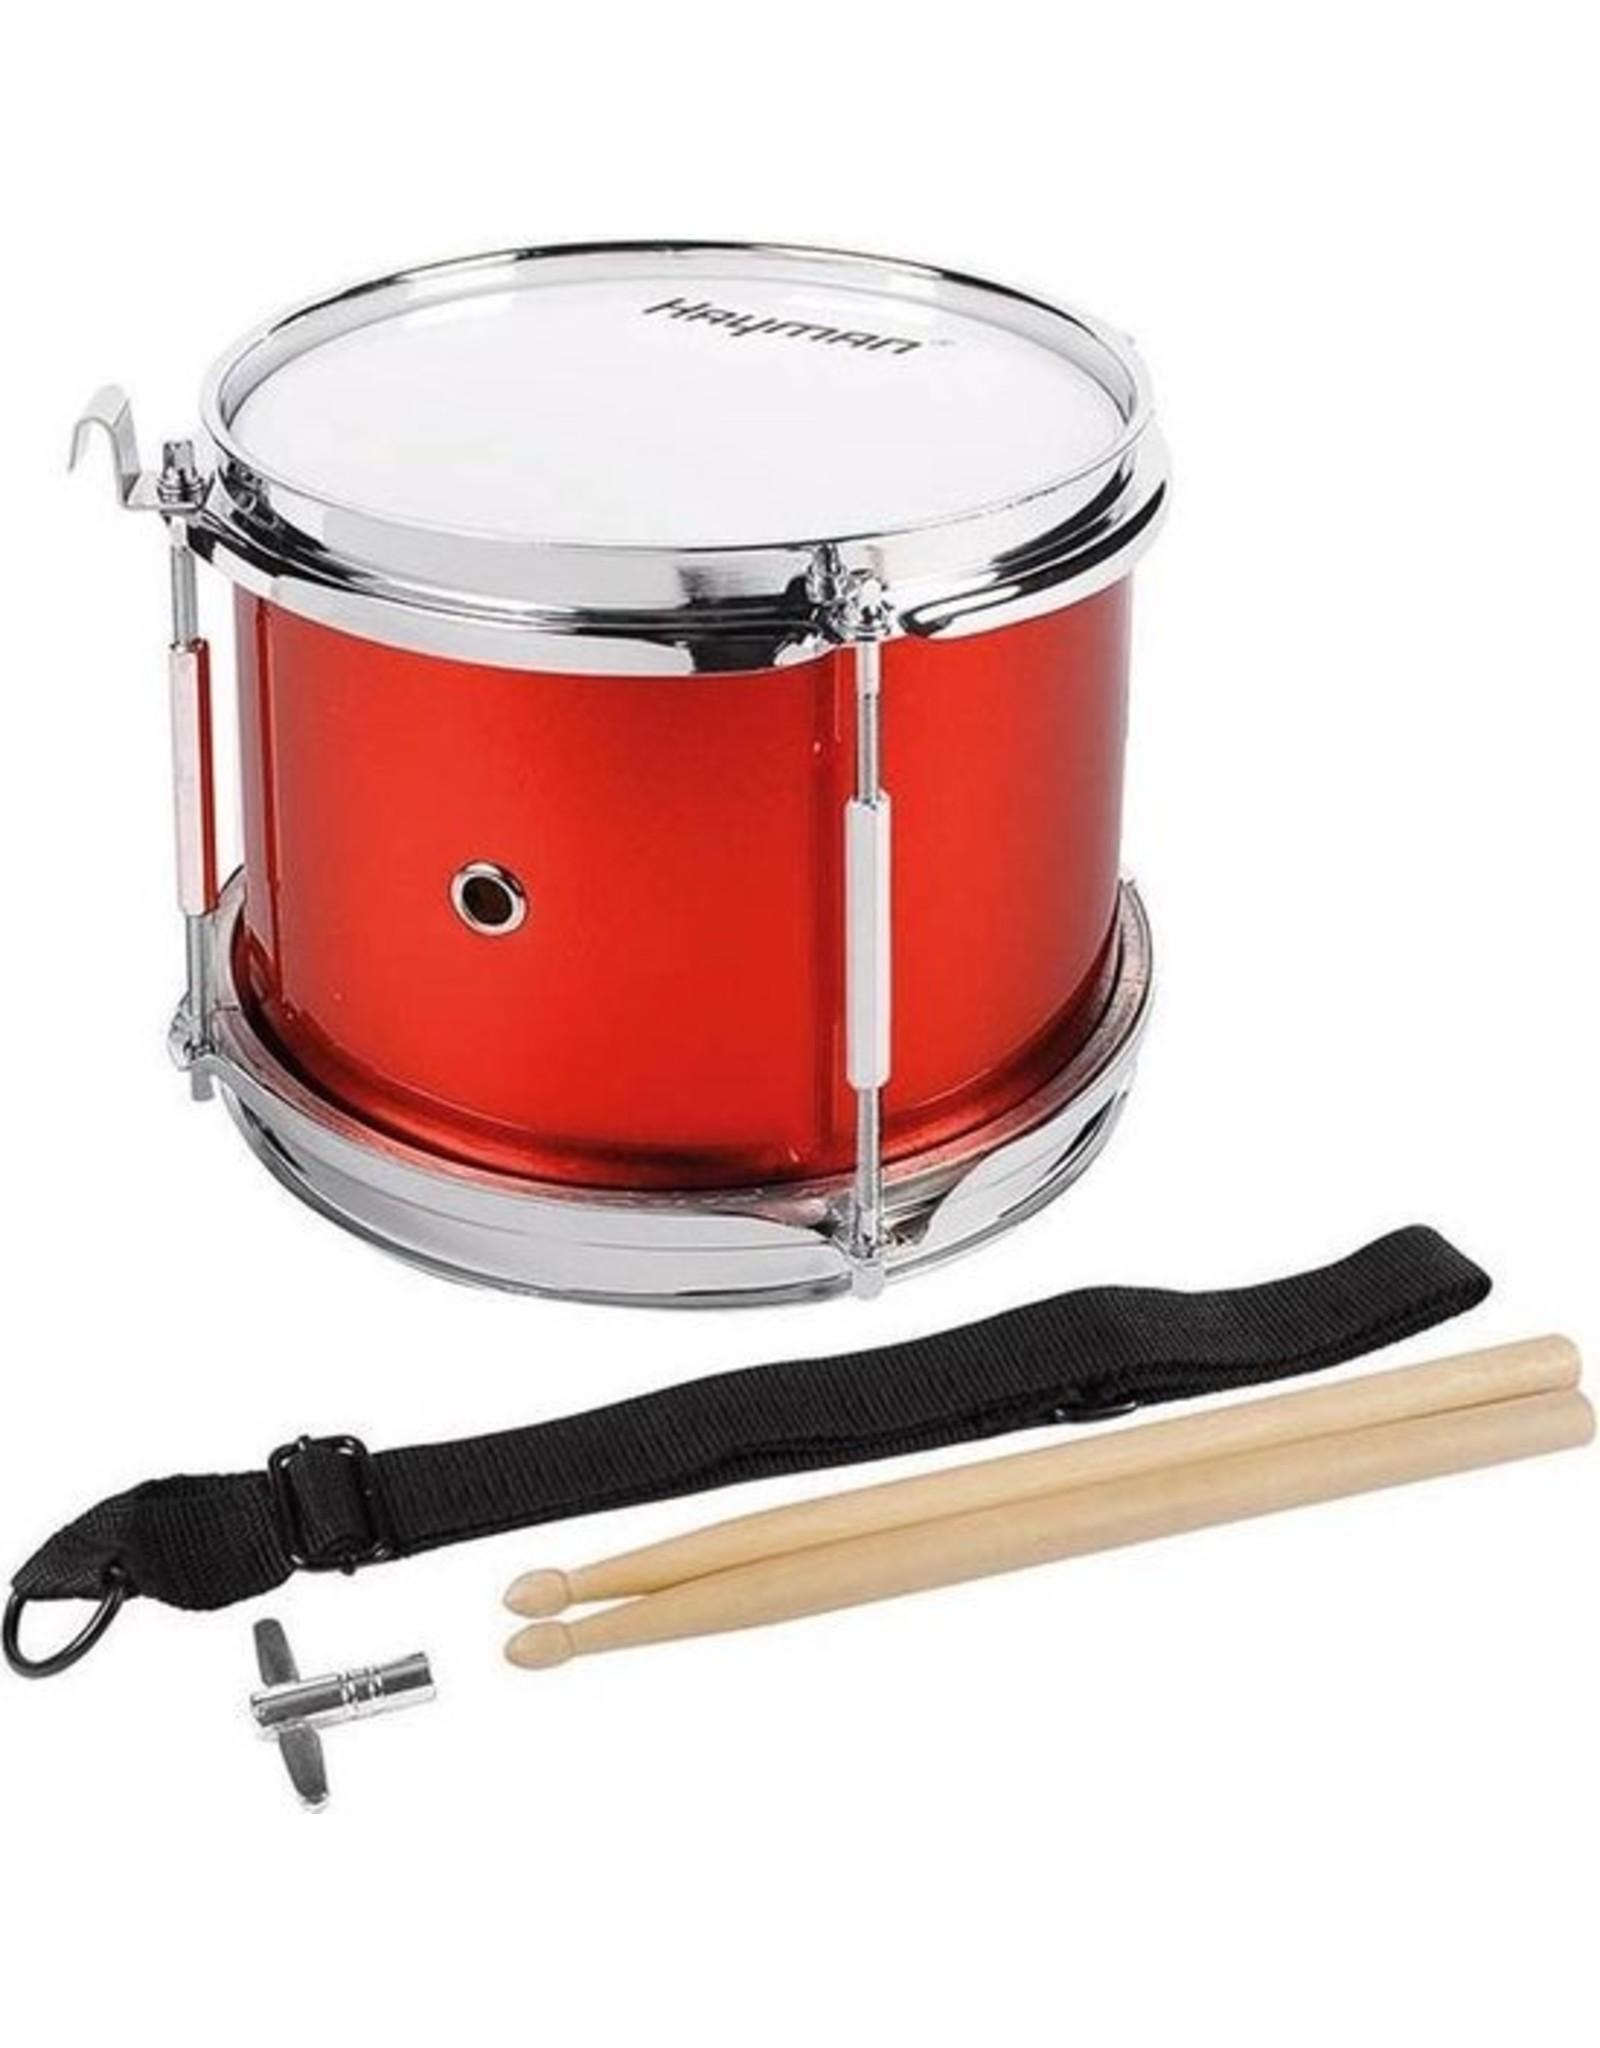 Hayman trommel kinder snaartrom, 8 inch, metallic rood, incl. stokken, riem en haak